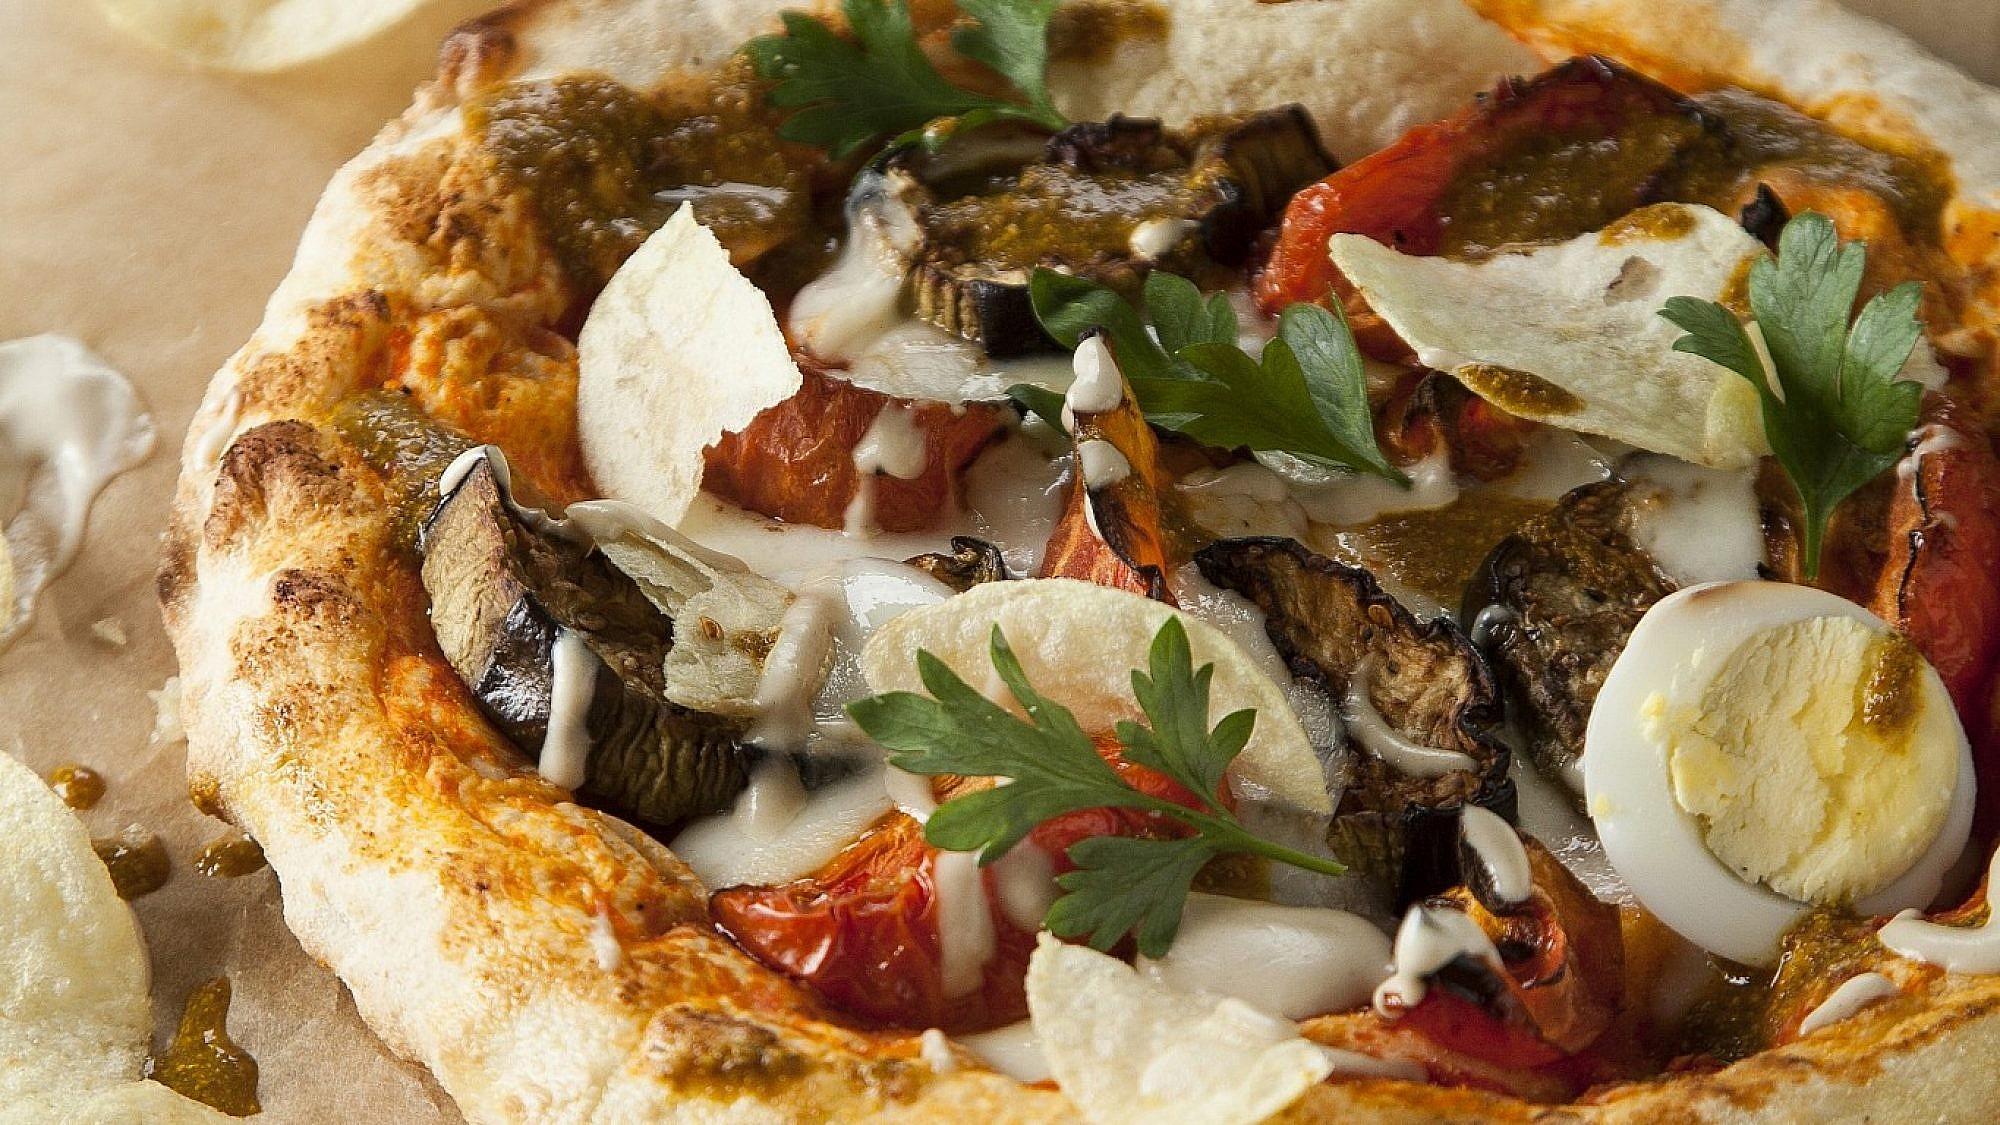 פיצה סביח של שף מורן לידור. צילום: אפיק גבאי. סטיילינג: קרן ברק